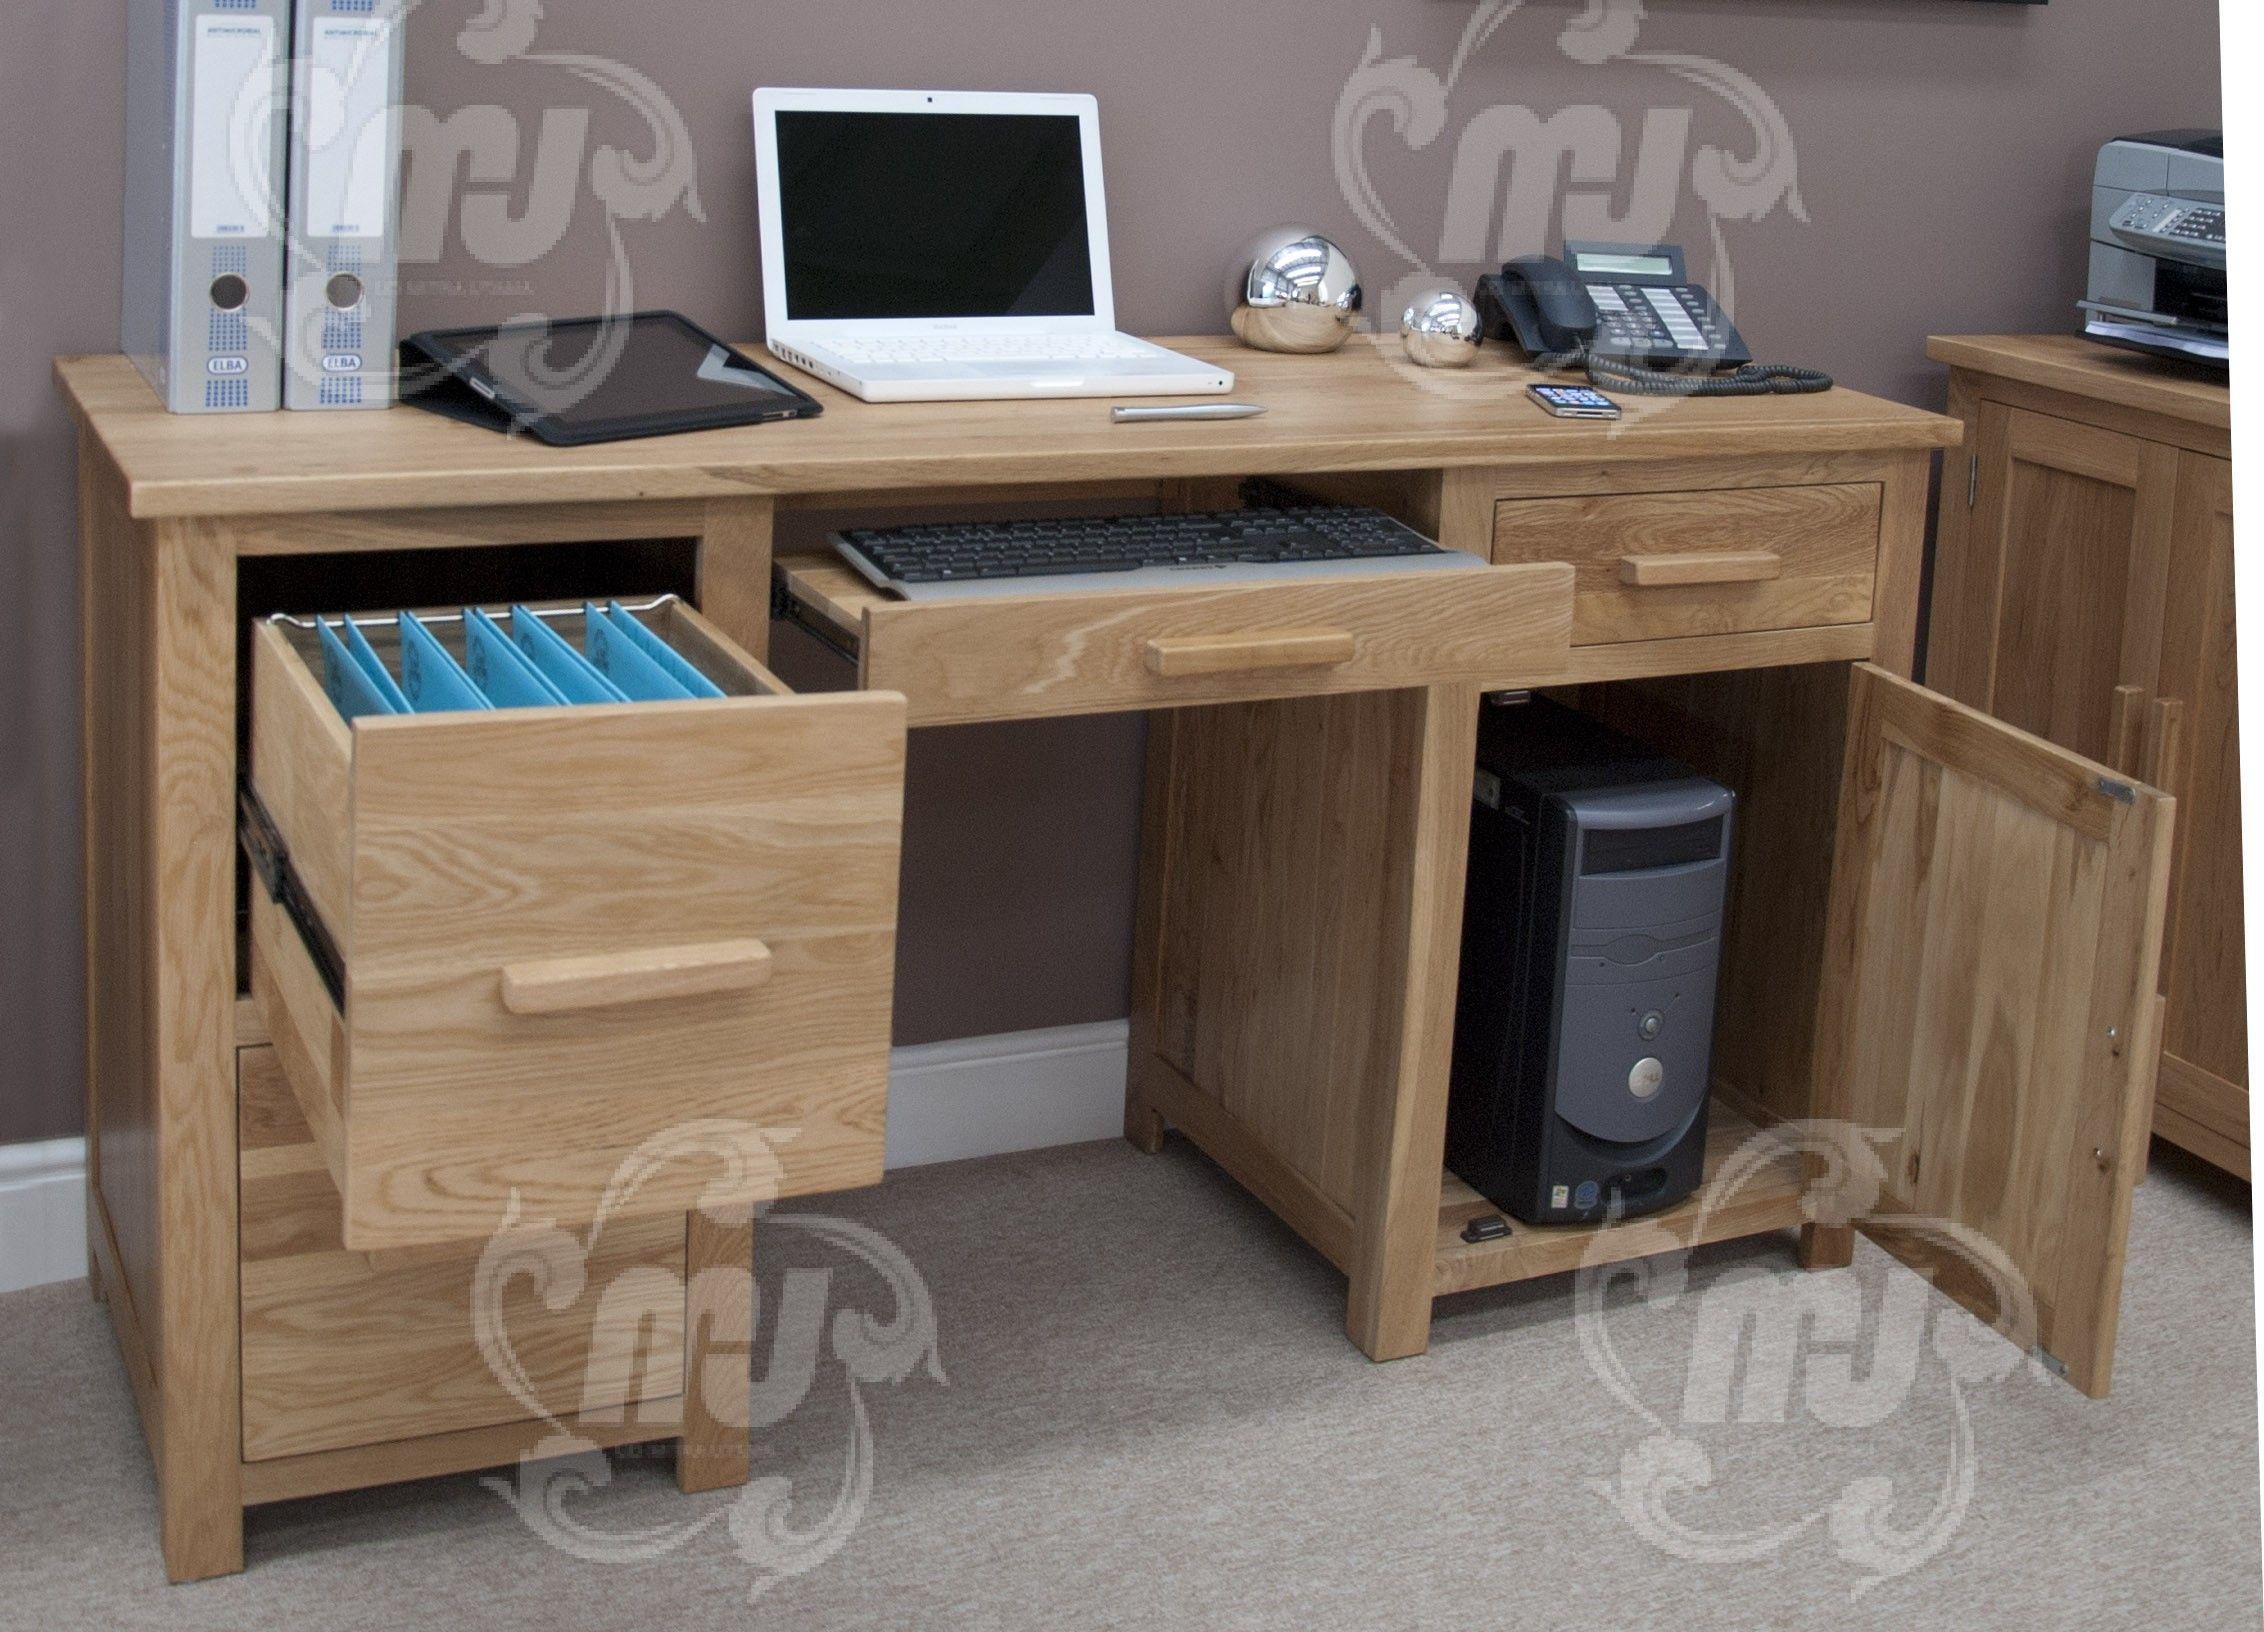 Meja Komputer Jati Jepara Dengan Model Minimalis Ini Kami Tawarkan Kualitas Bagus Dan Desain Modern